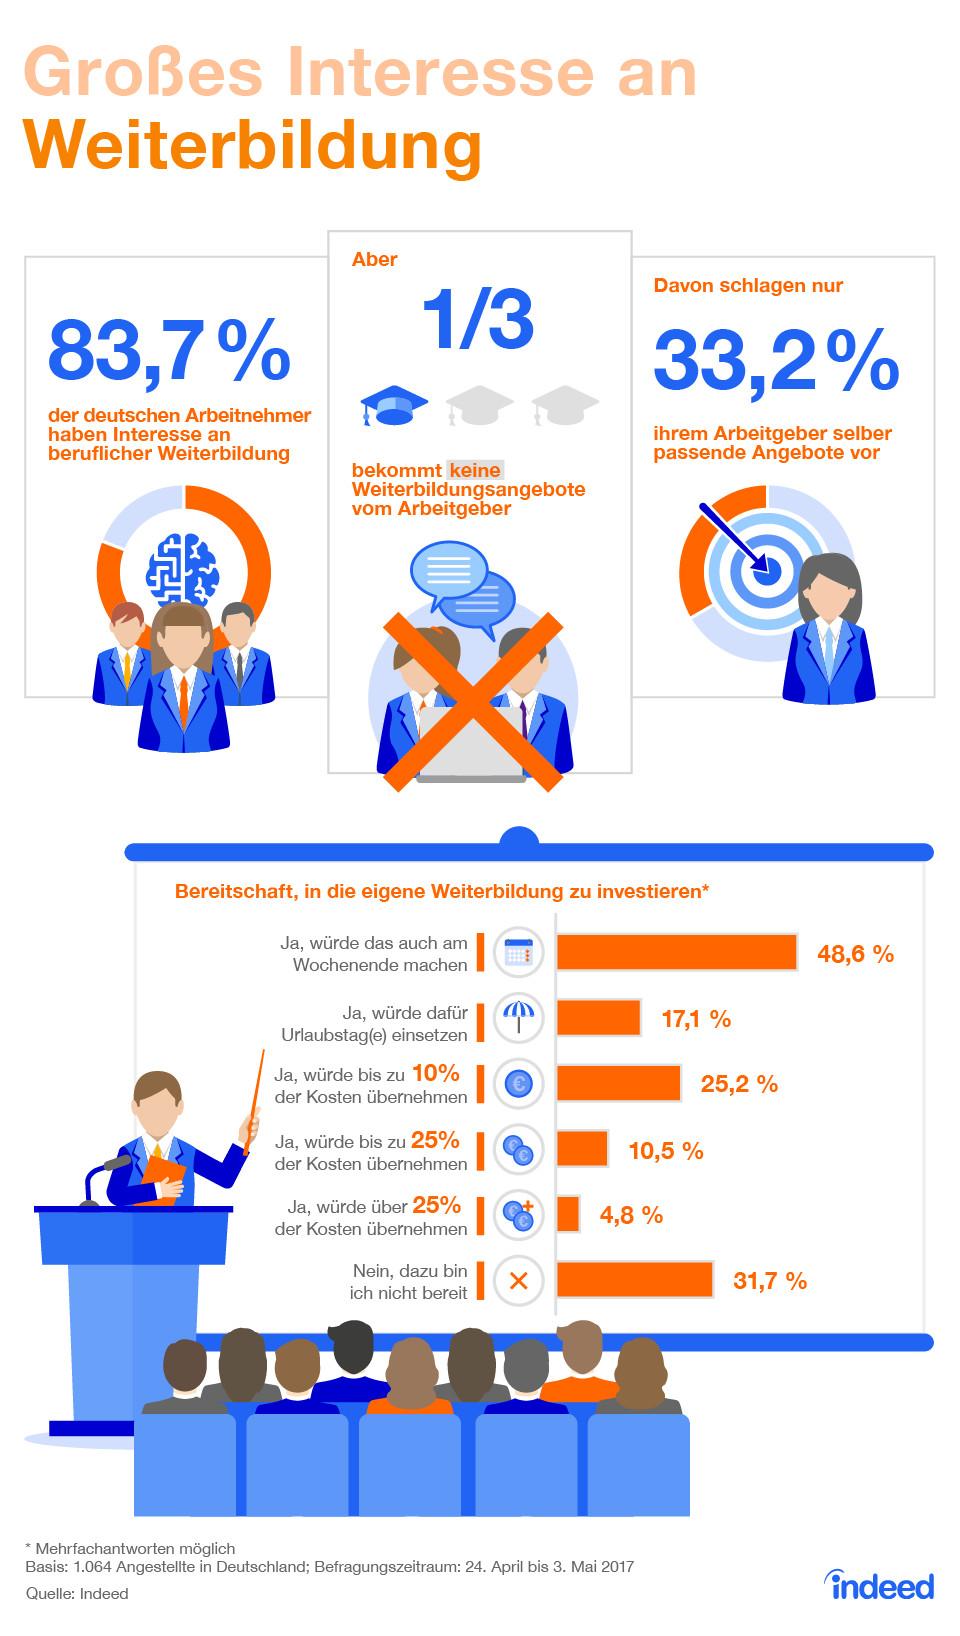 Arbeitnehmer haben großes Interesse an Weiterbildung